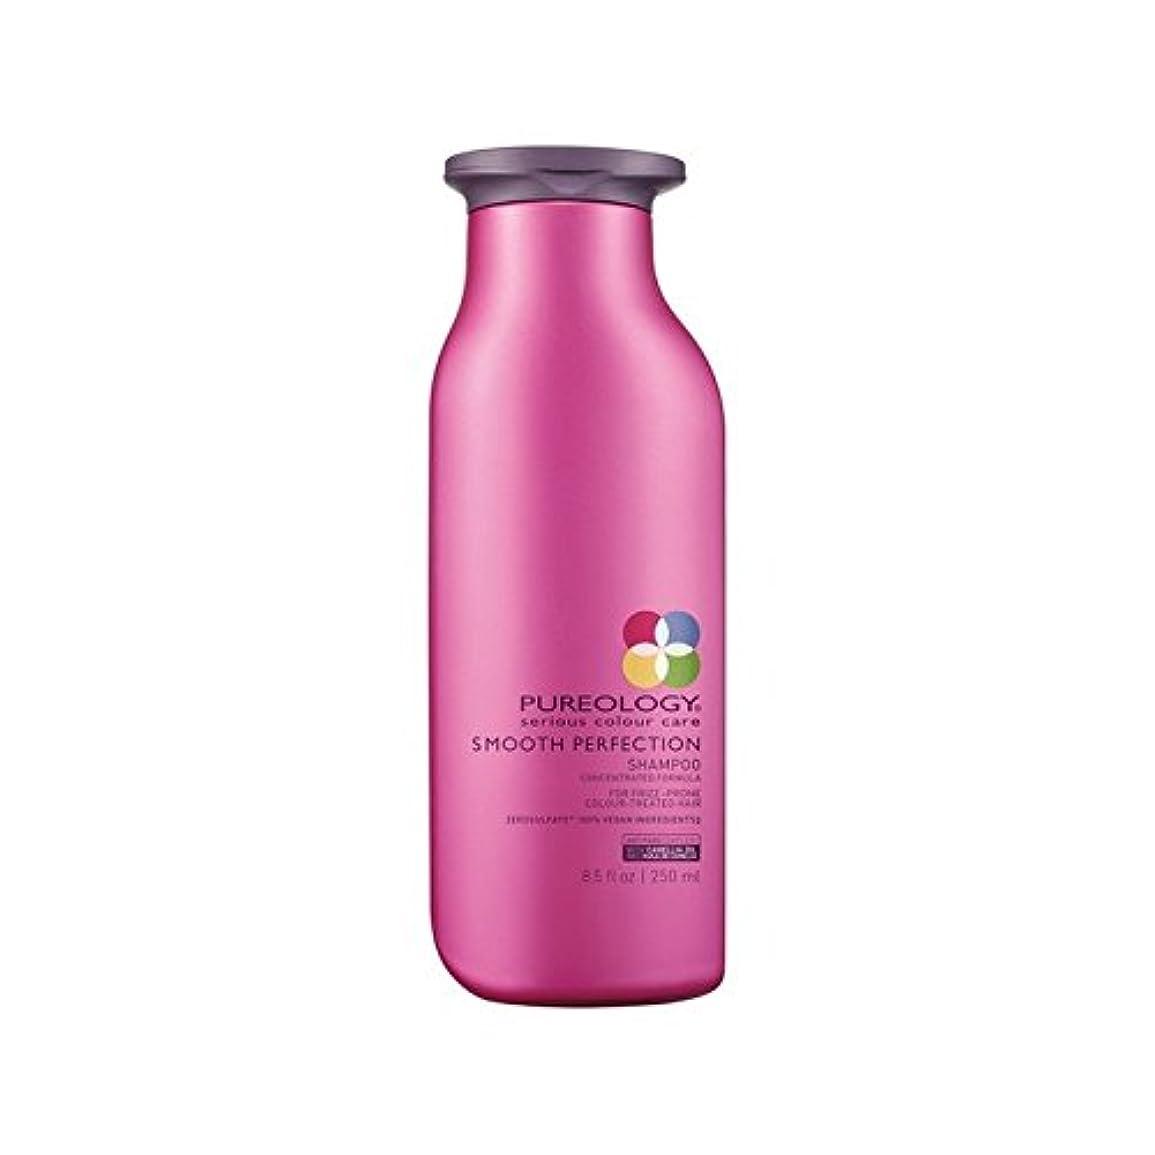 虚栄心スチール製造Pureology Smooth Perfection Shampoo (250ml) - 平滑完全シャンプー(250ミリリットル) [並行輸入品]